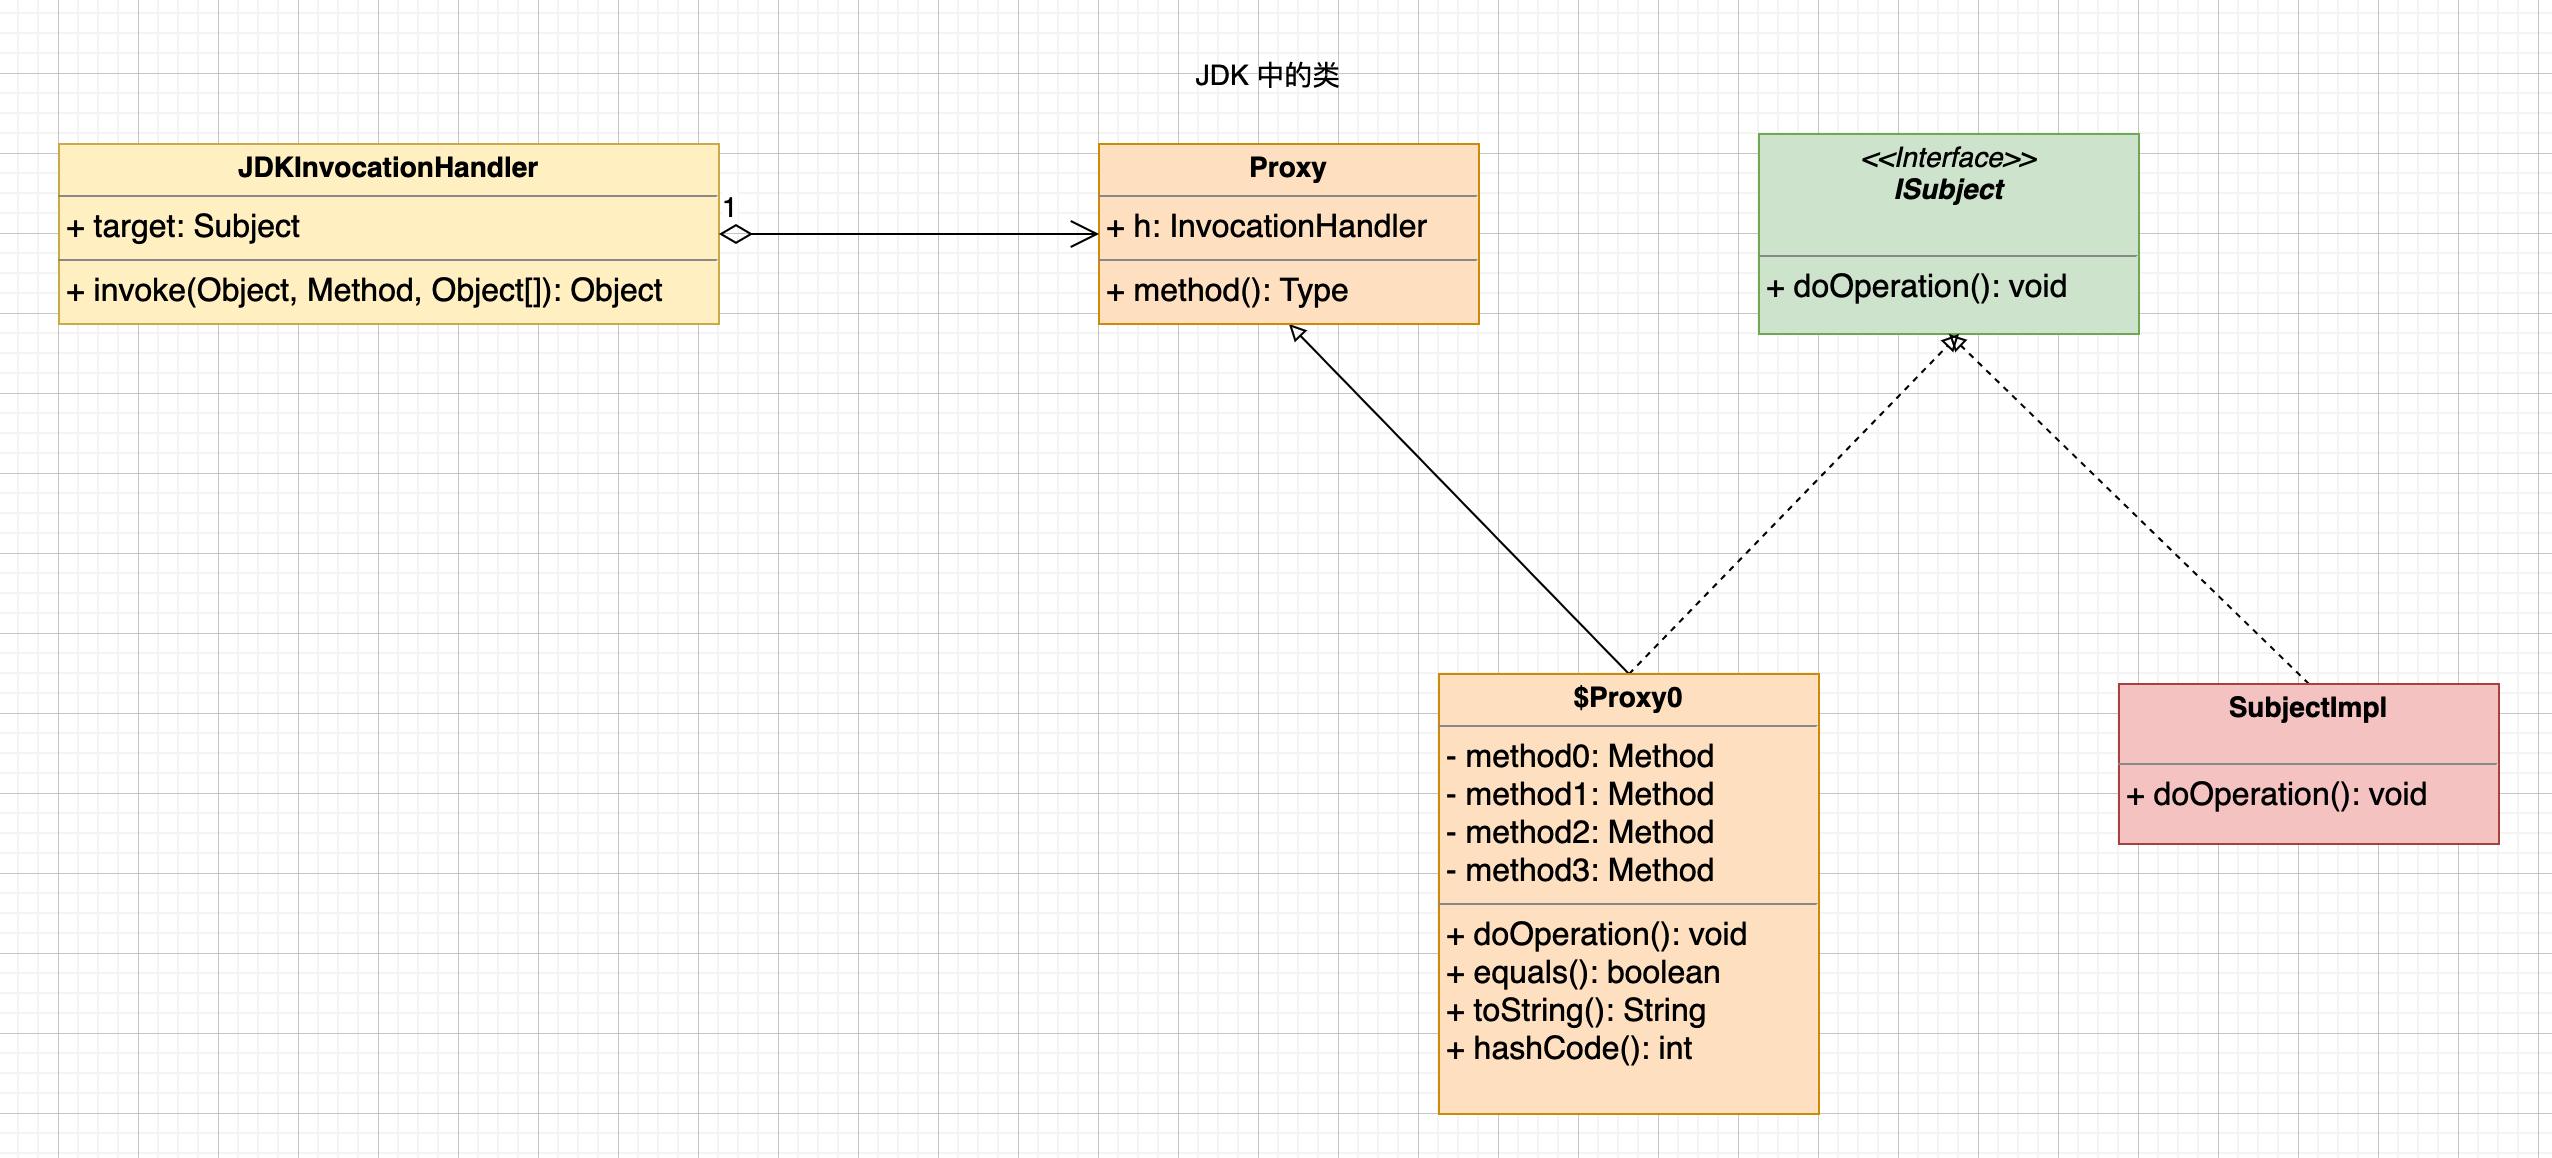 jdk-dynamic-proxy.png